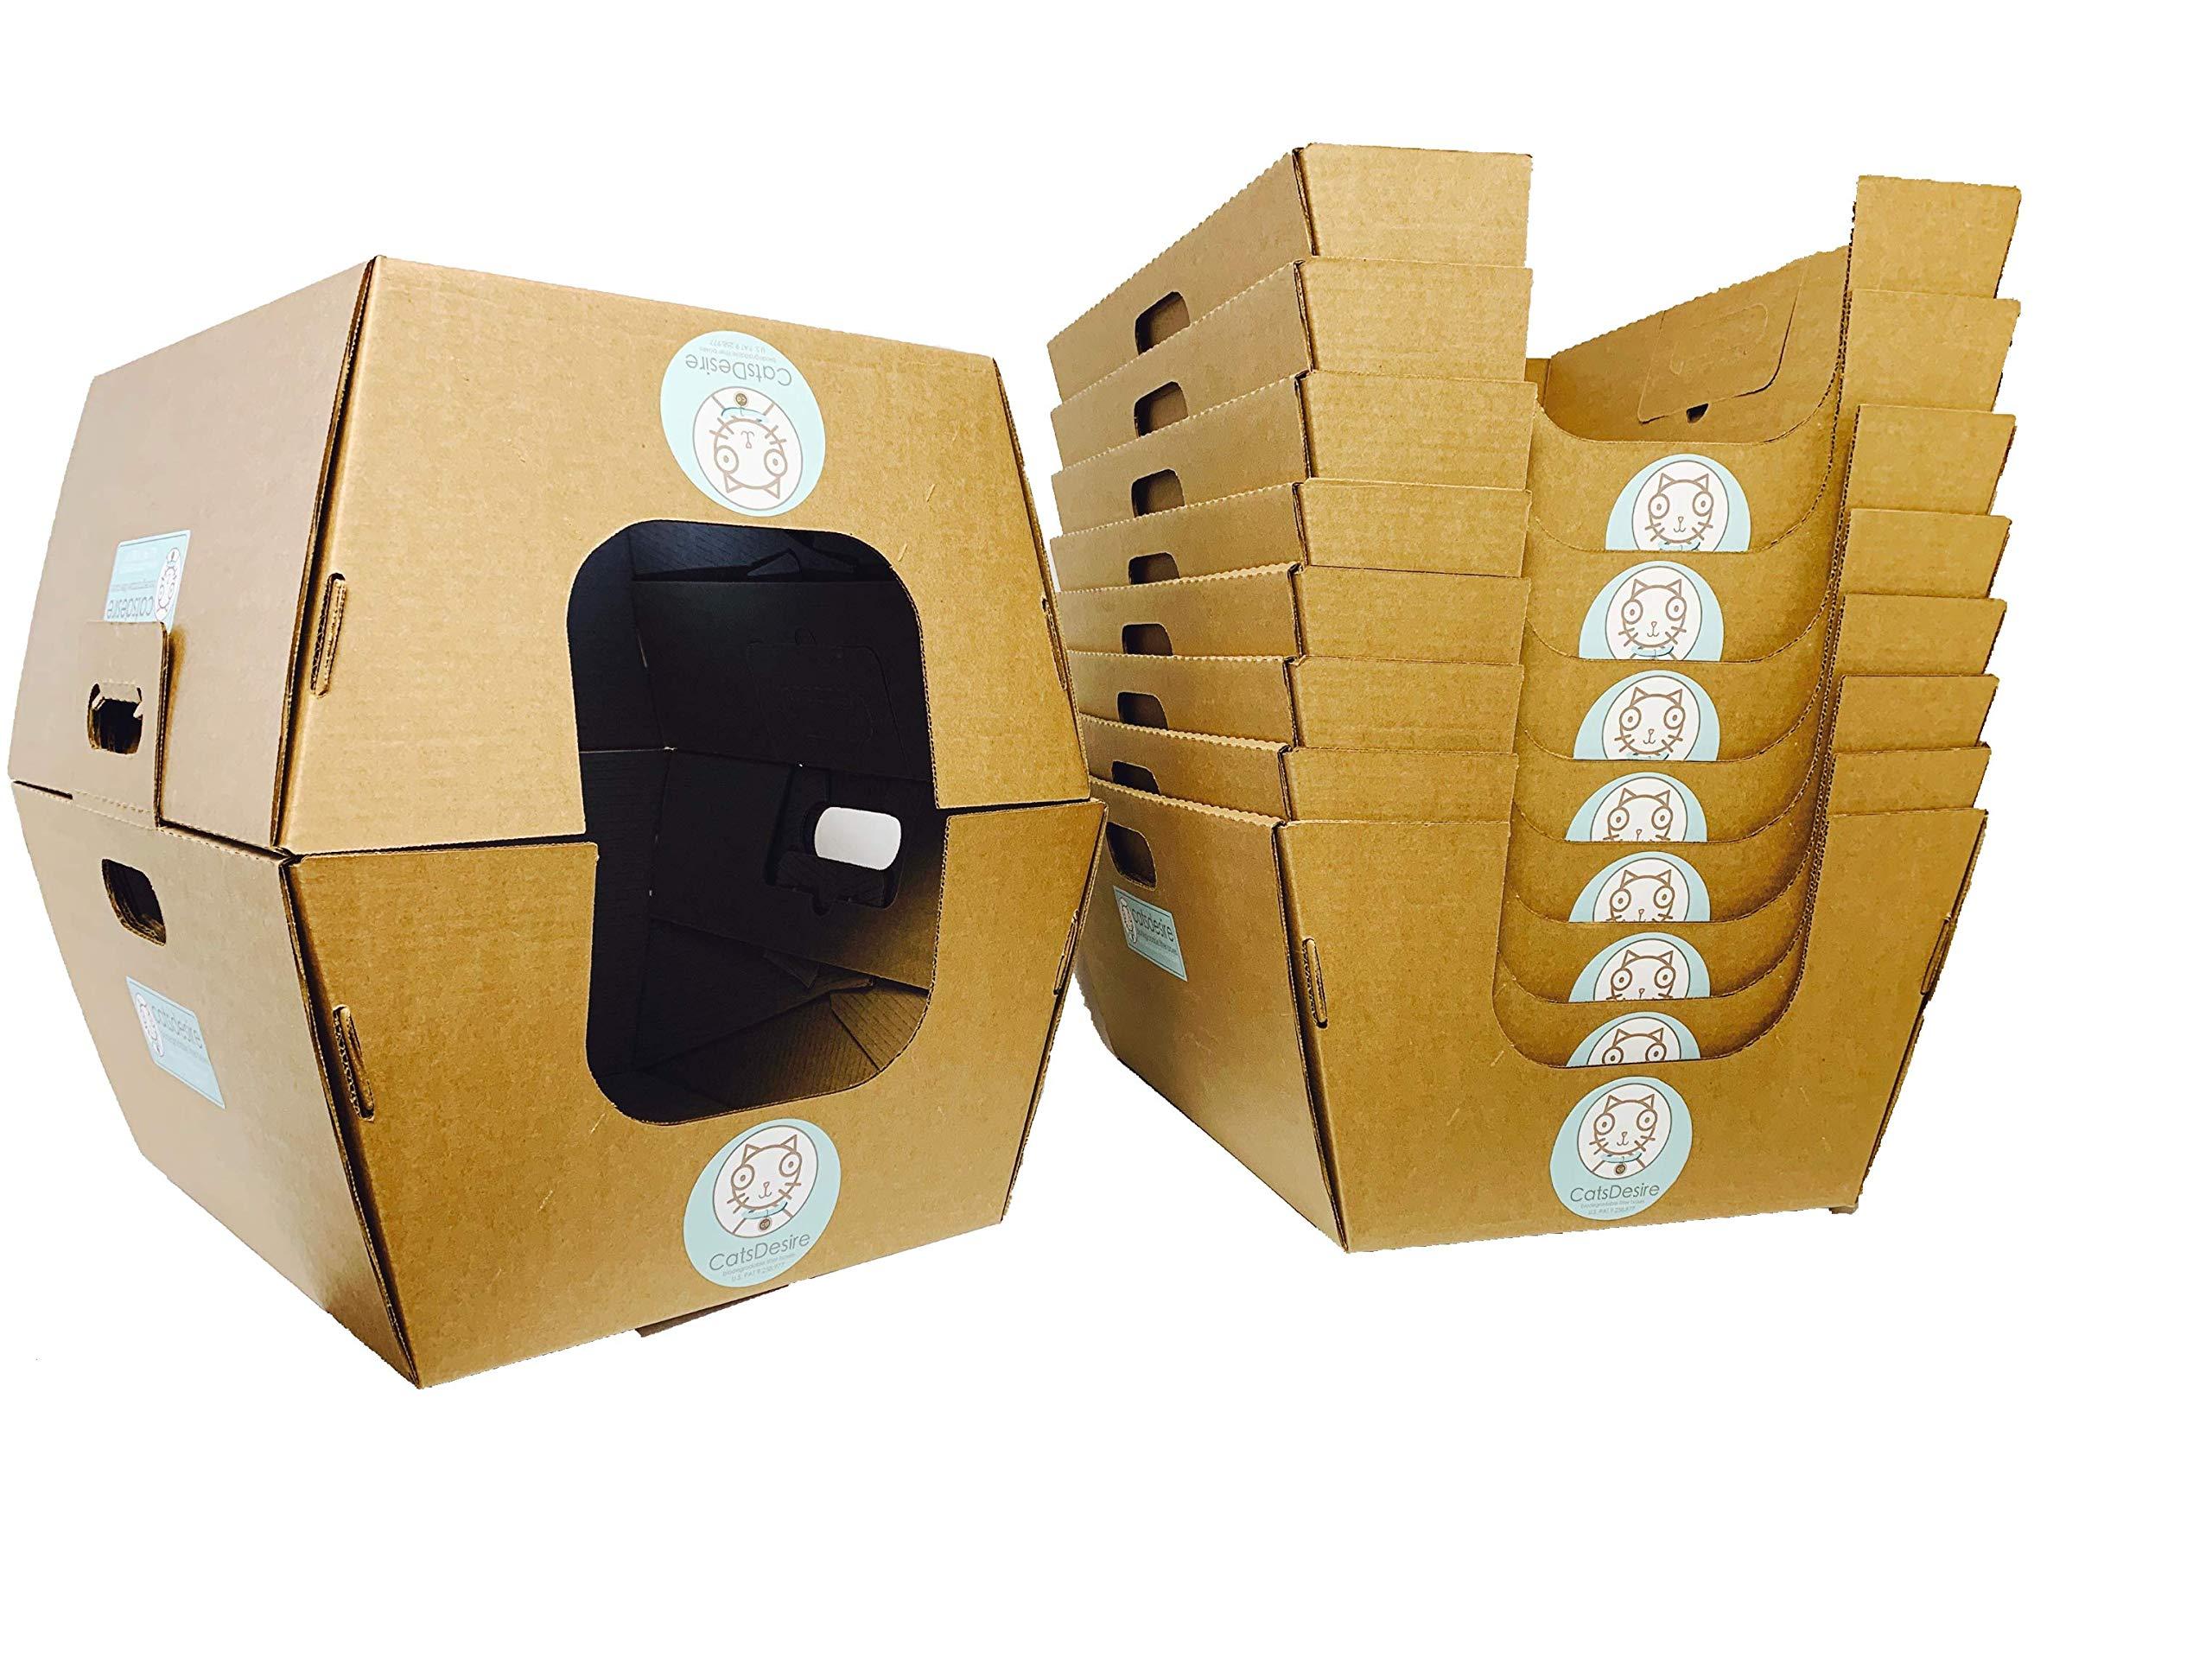 Cats Desire Disposable Litter Boxes Disposable Litter Boxes, 10 Piece 1